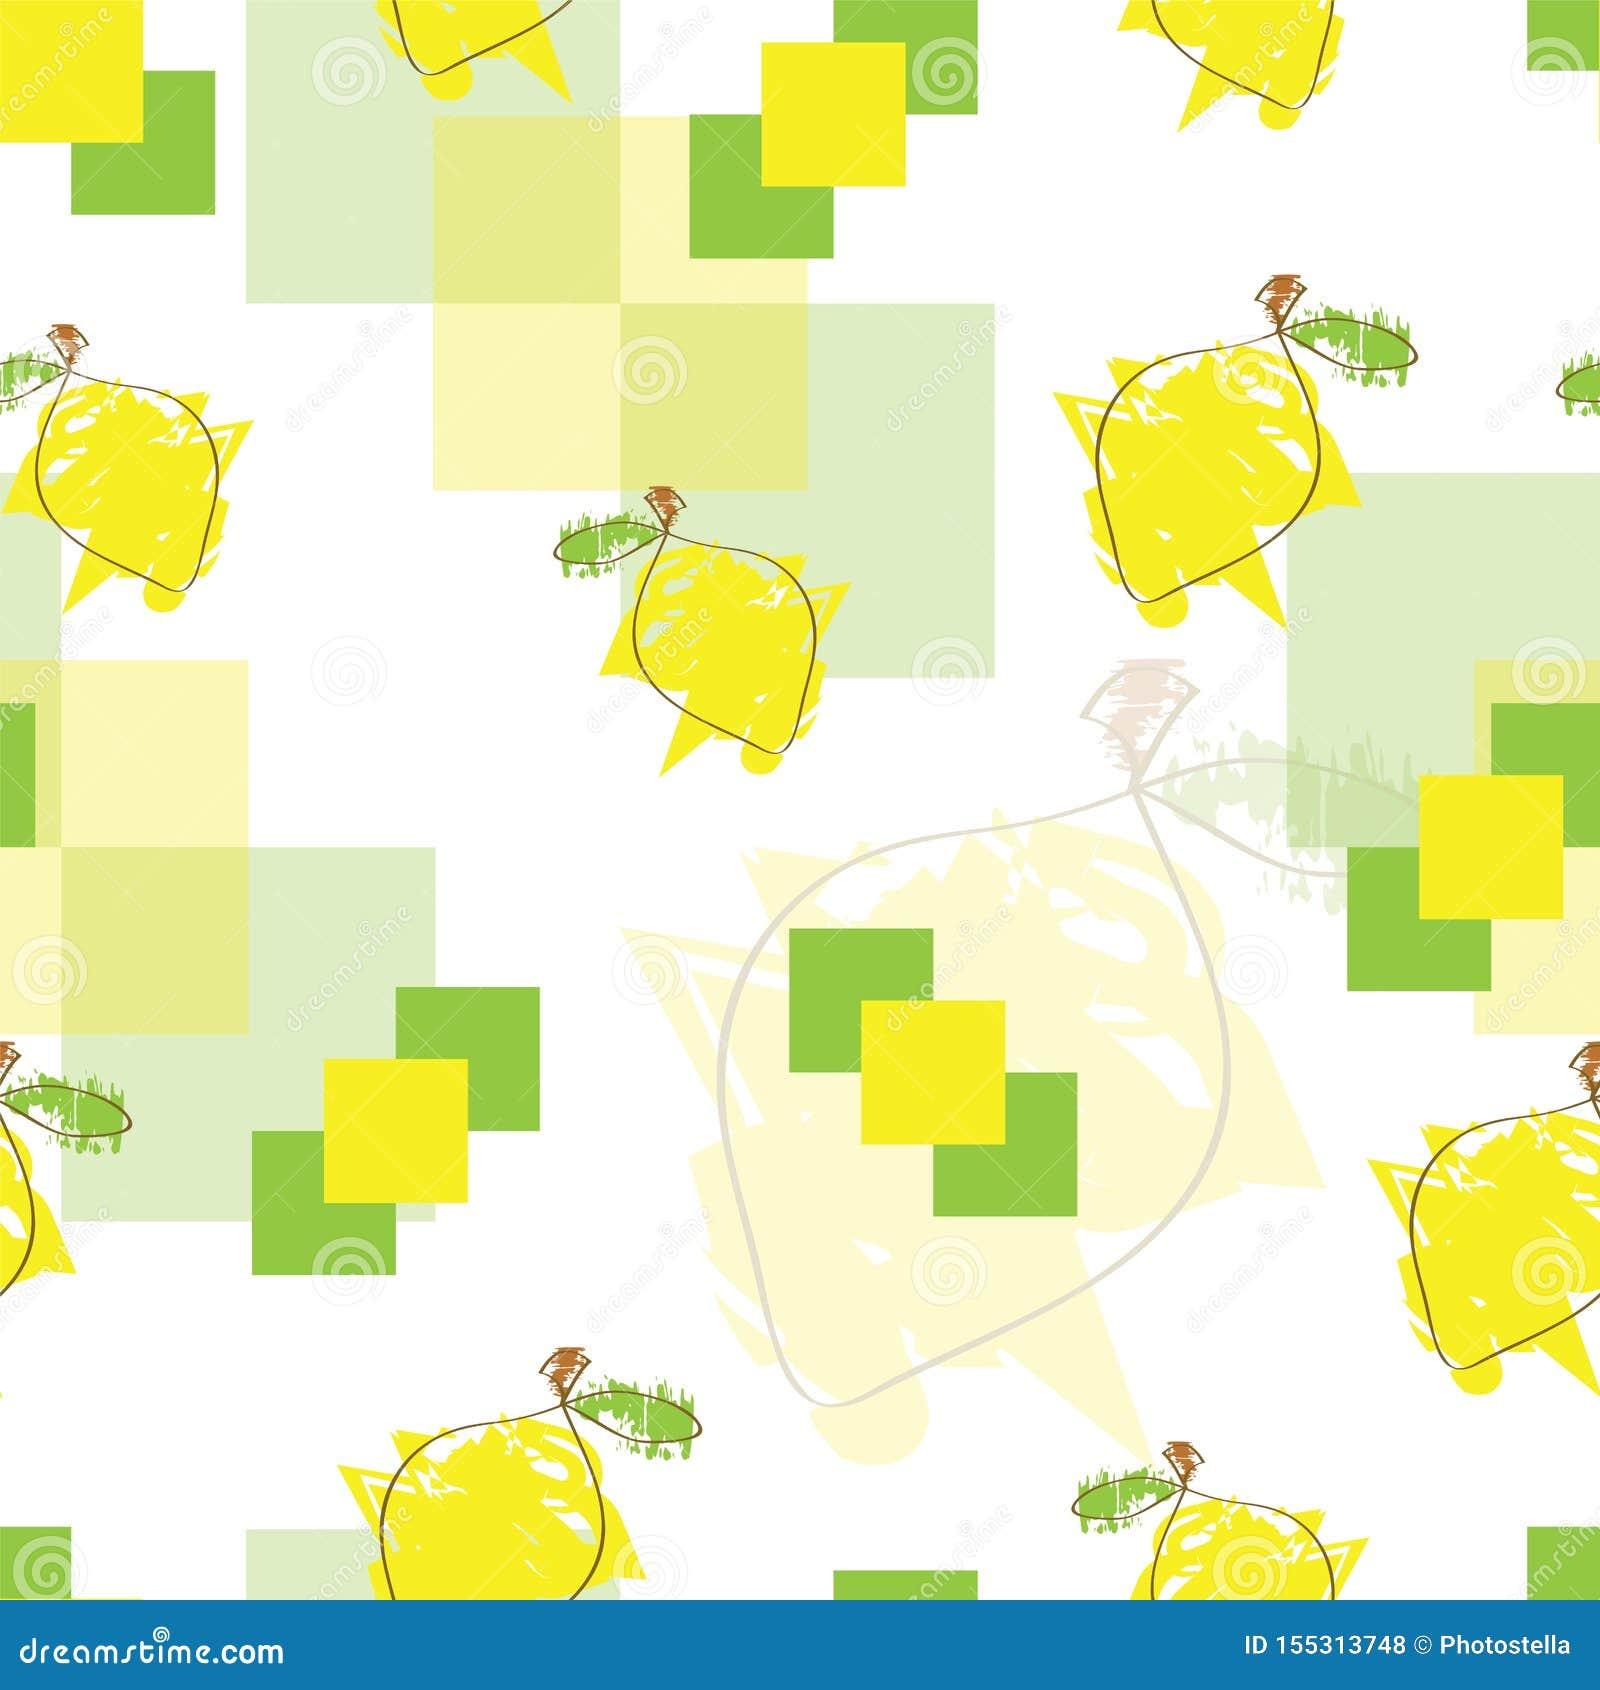 Modèle sans couture avec des citrons et des places abstraites dans des couleurs jaunes et vertes